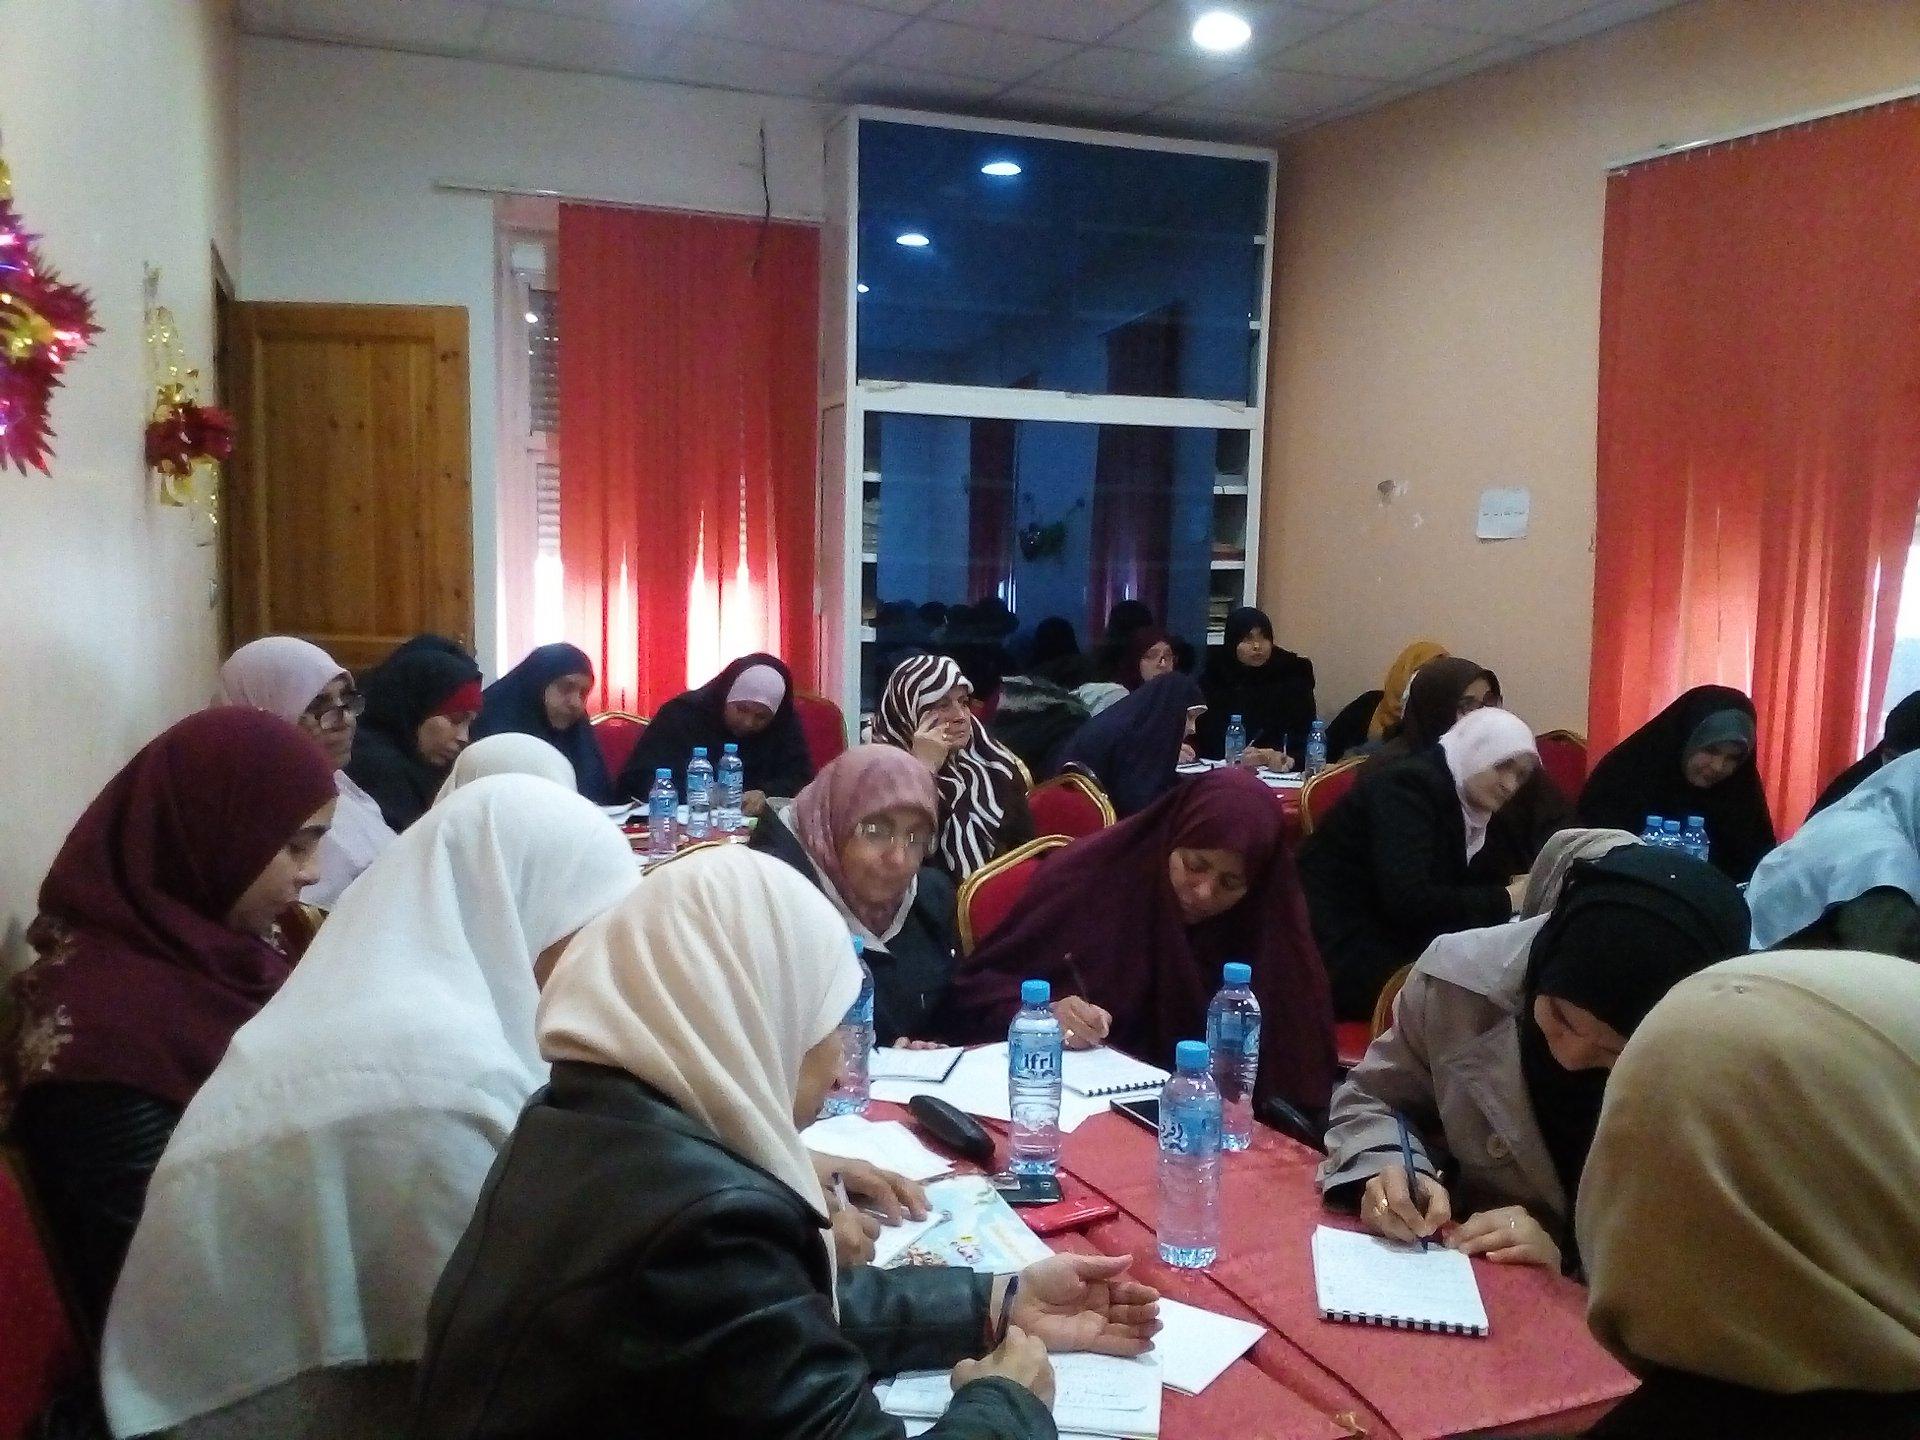 الدورة الثانية لتكوين المربيات - جمعية العلماء المسلمين الجزائريين - شعبة عنابة